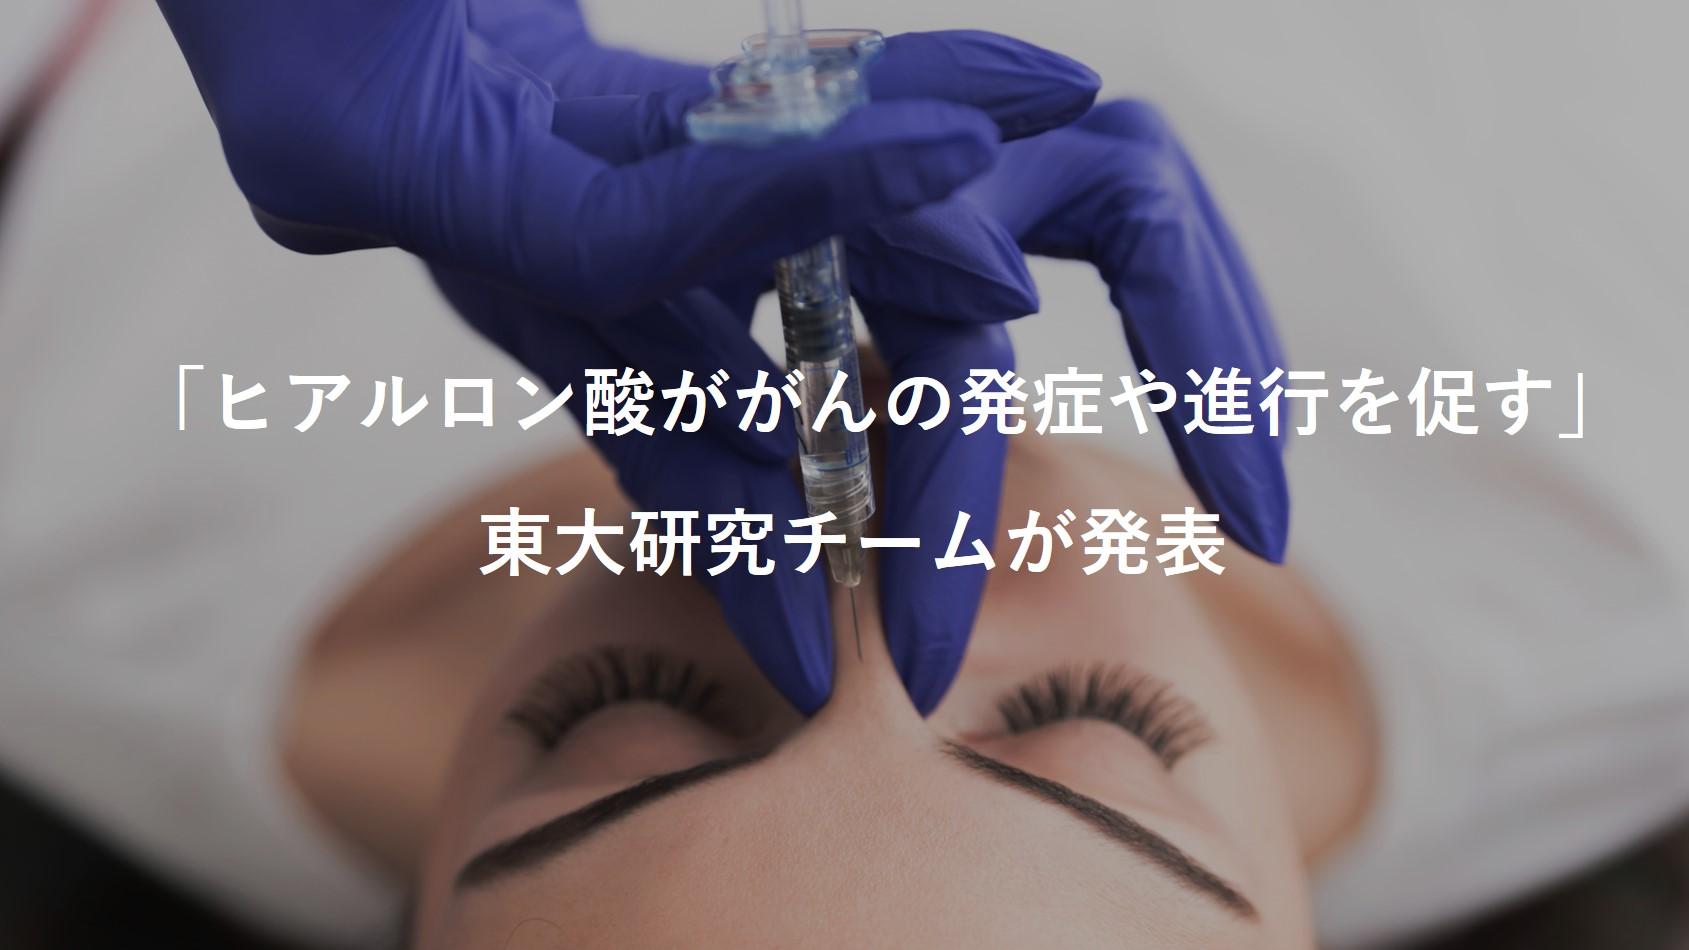 「ヒアルロン酸ががんの発症や進行を促す」東大研究チームが発表